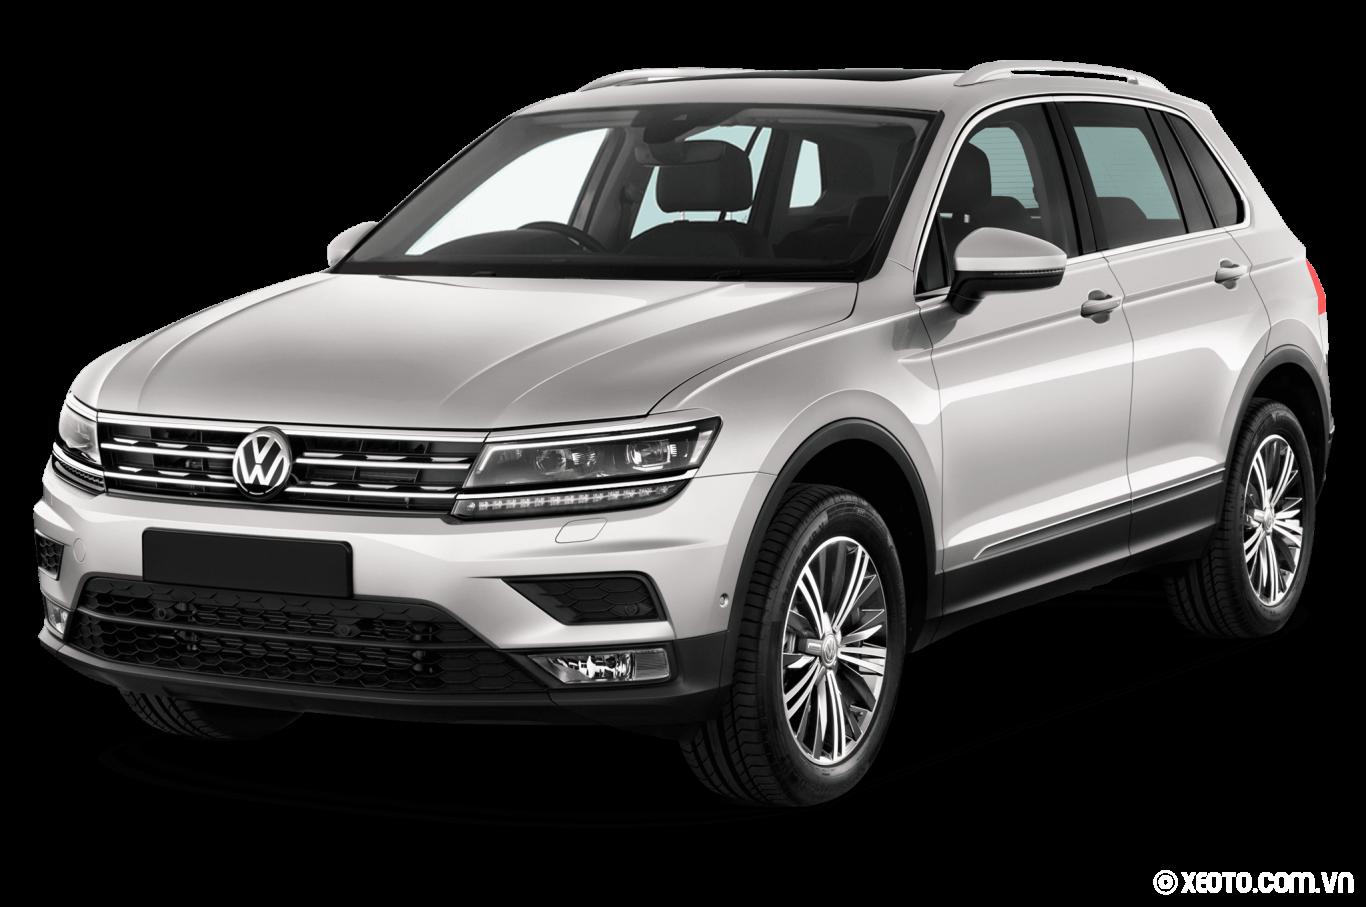 Volkswagen- hãng xe ô tô Đức nổi tiếng